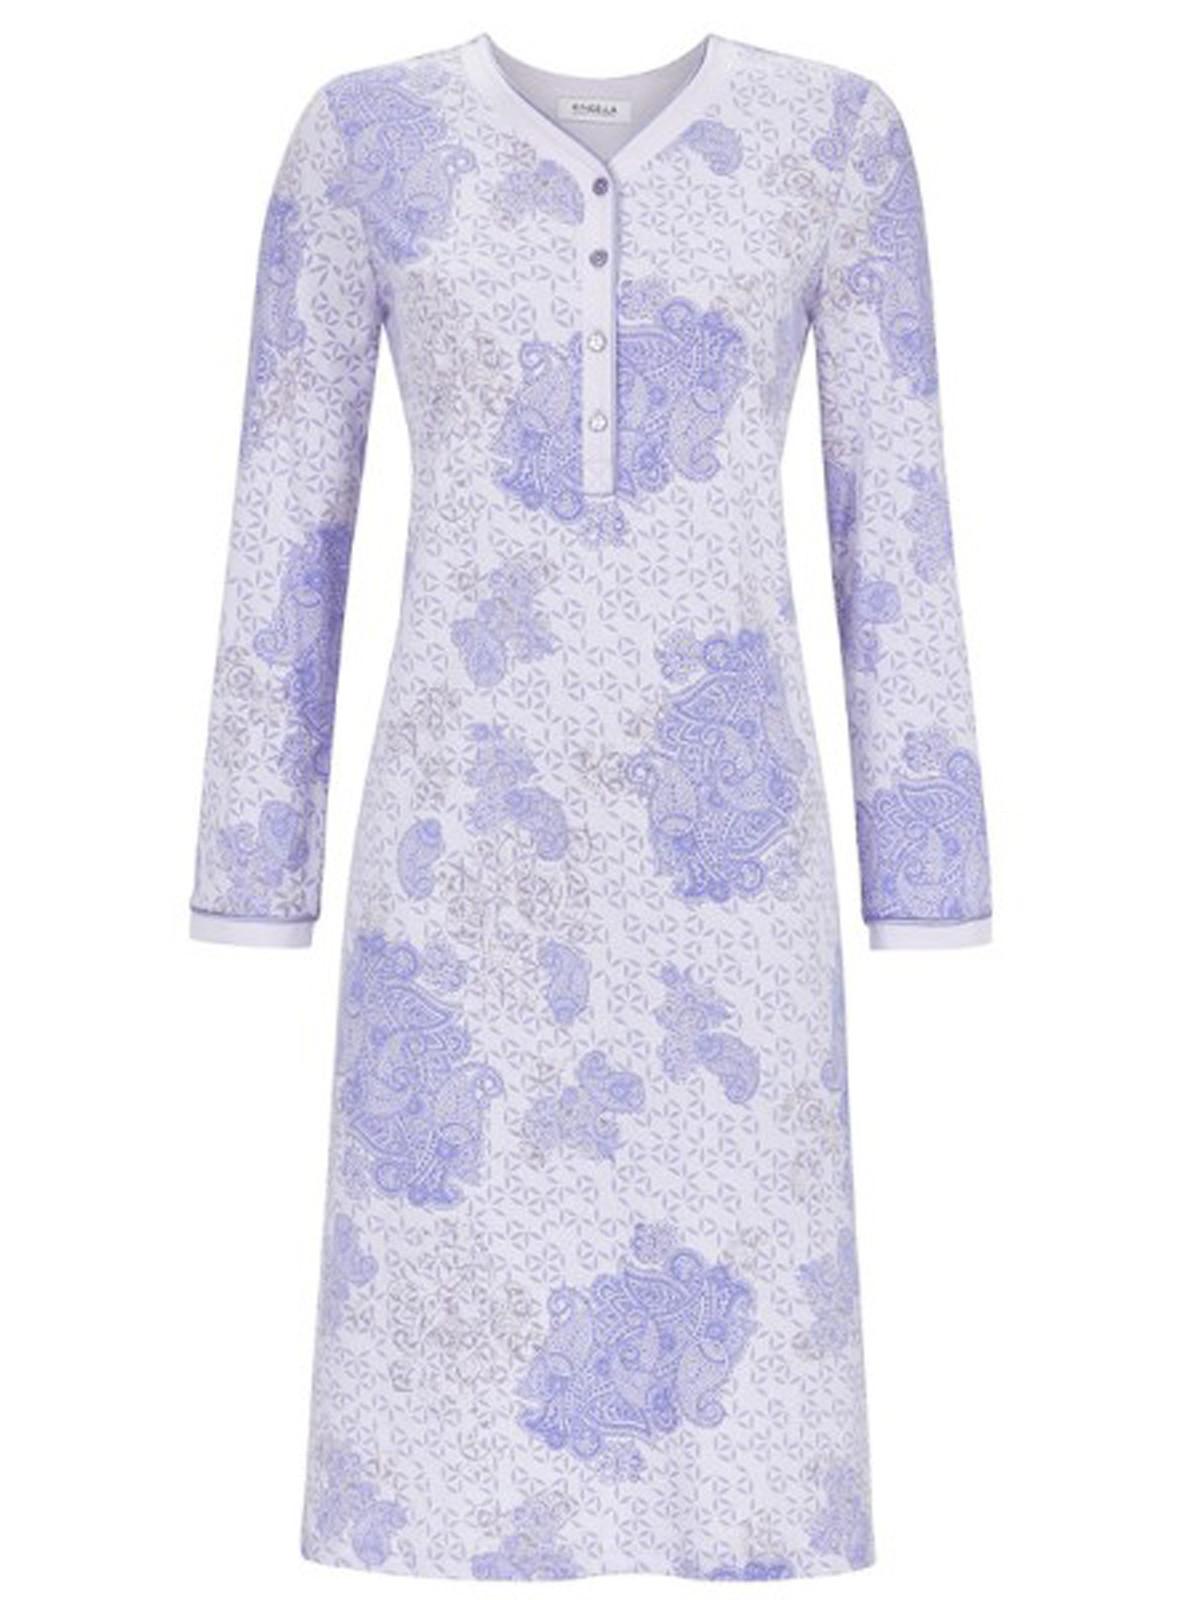 innovative design 1bb57 47ffc Ringella Damen Nachthemd 8511043 100% Baumwolle in Pastell ...